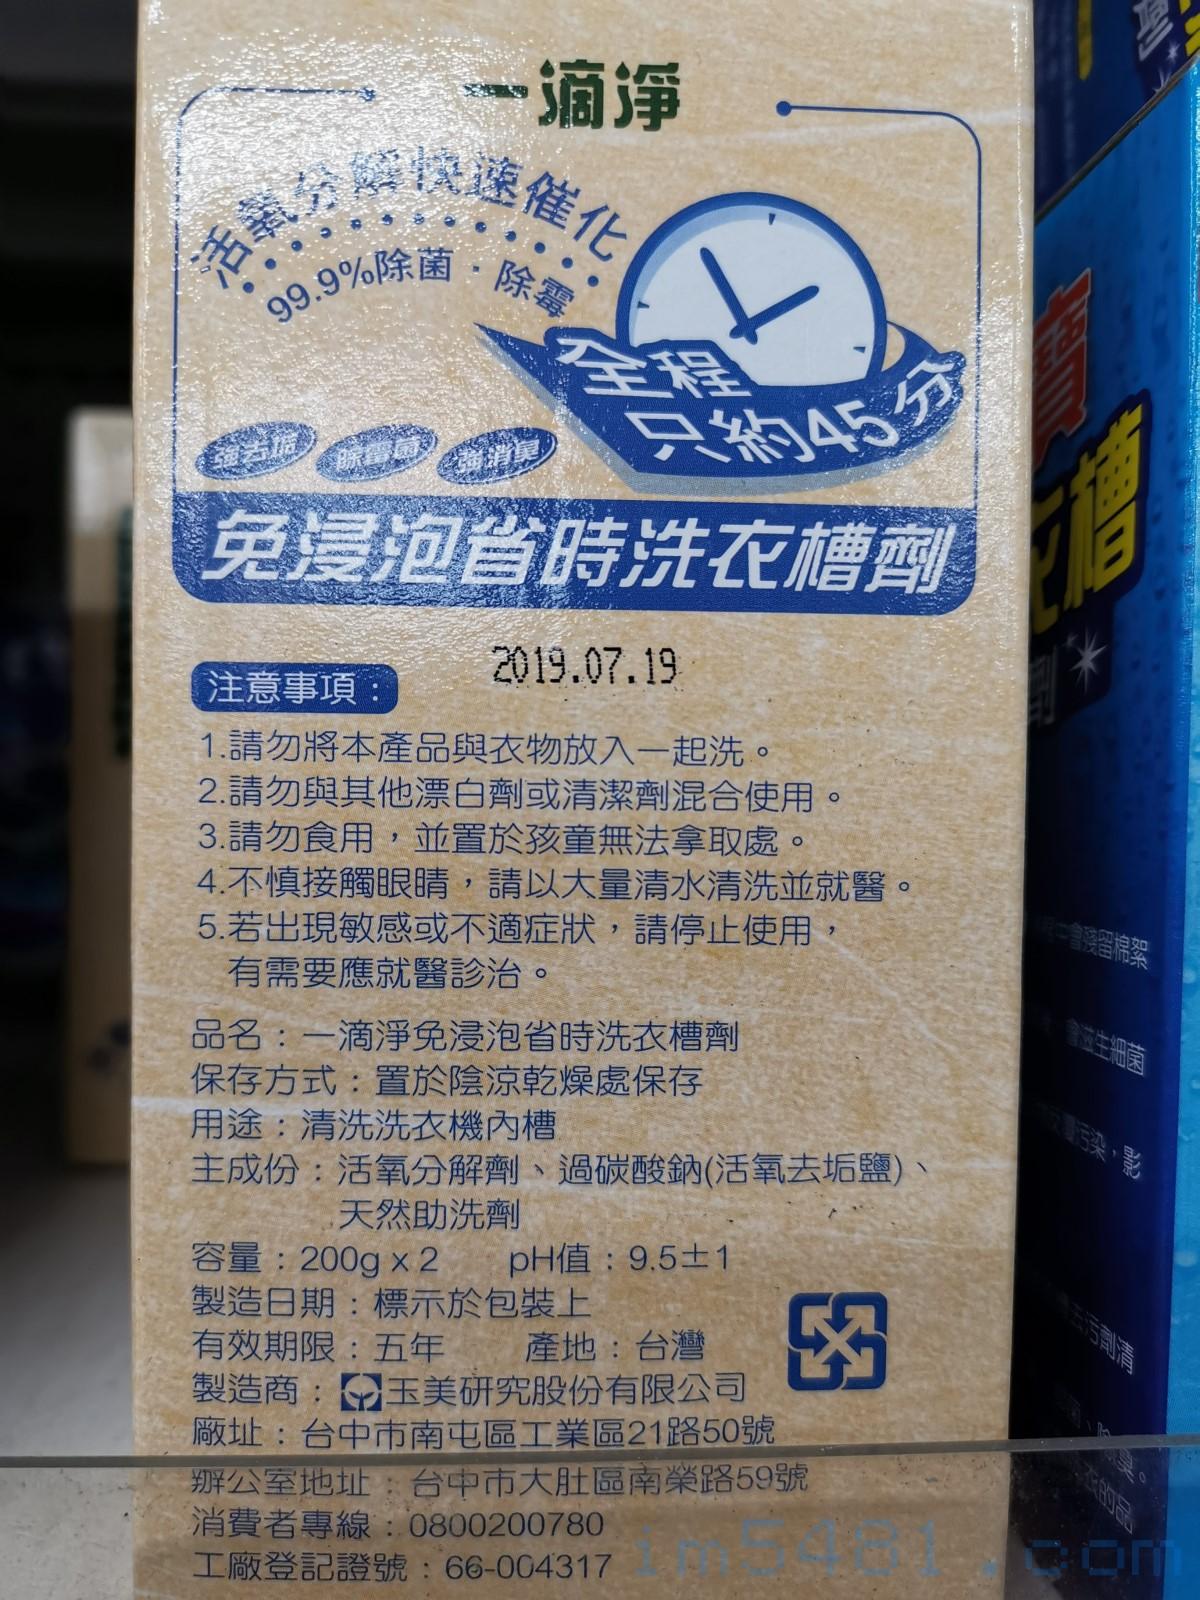 清洗洗衣槽會去買『檸檬酸跟過氧碳酸鈉(過碳酸鈉)』或『檸檬酸跟小蘇打(碳酸氫鈉)』100%是化學白癡! 加上被 ...